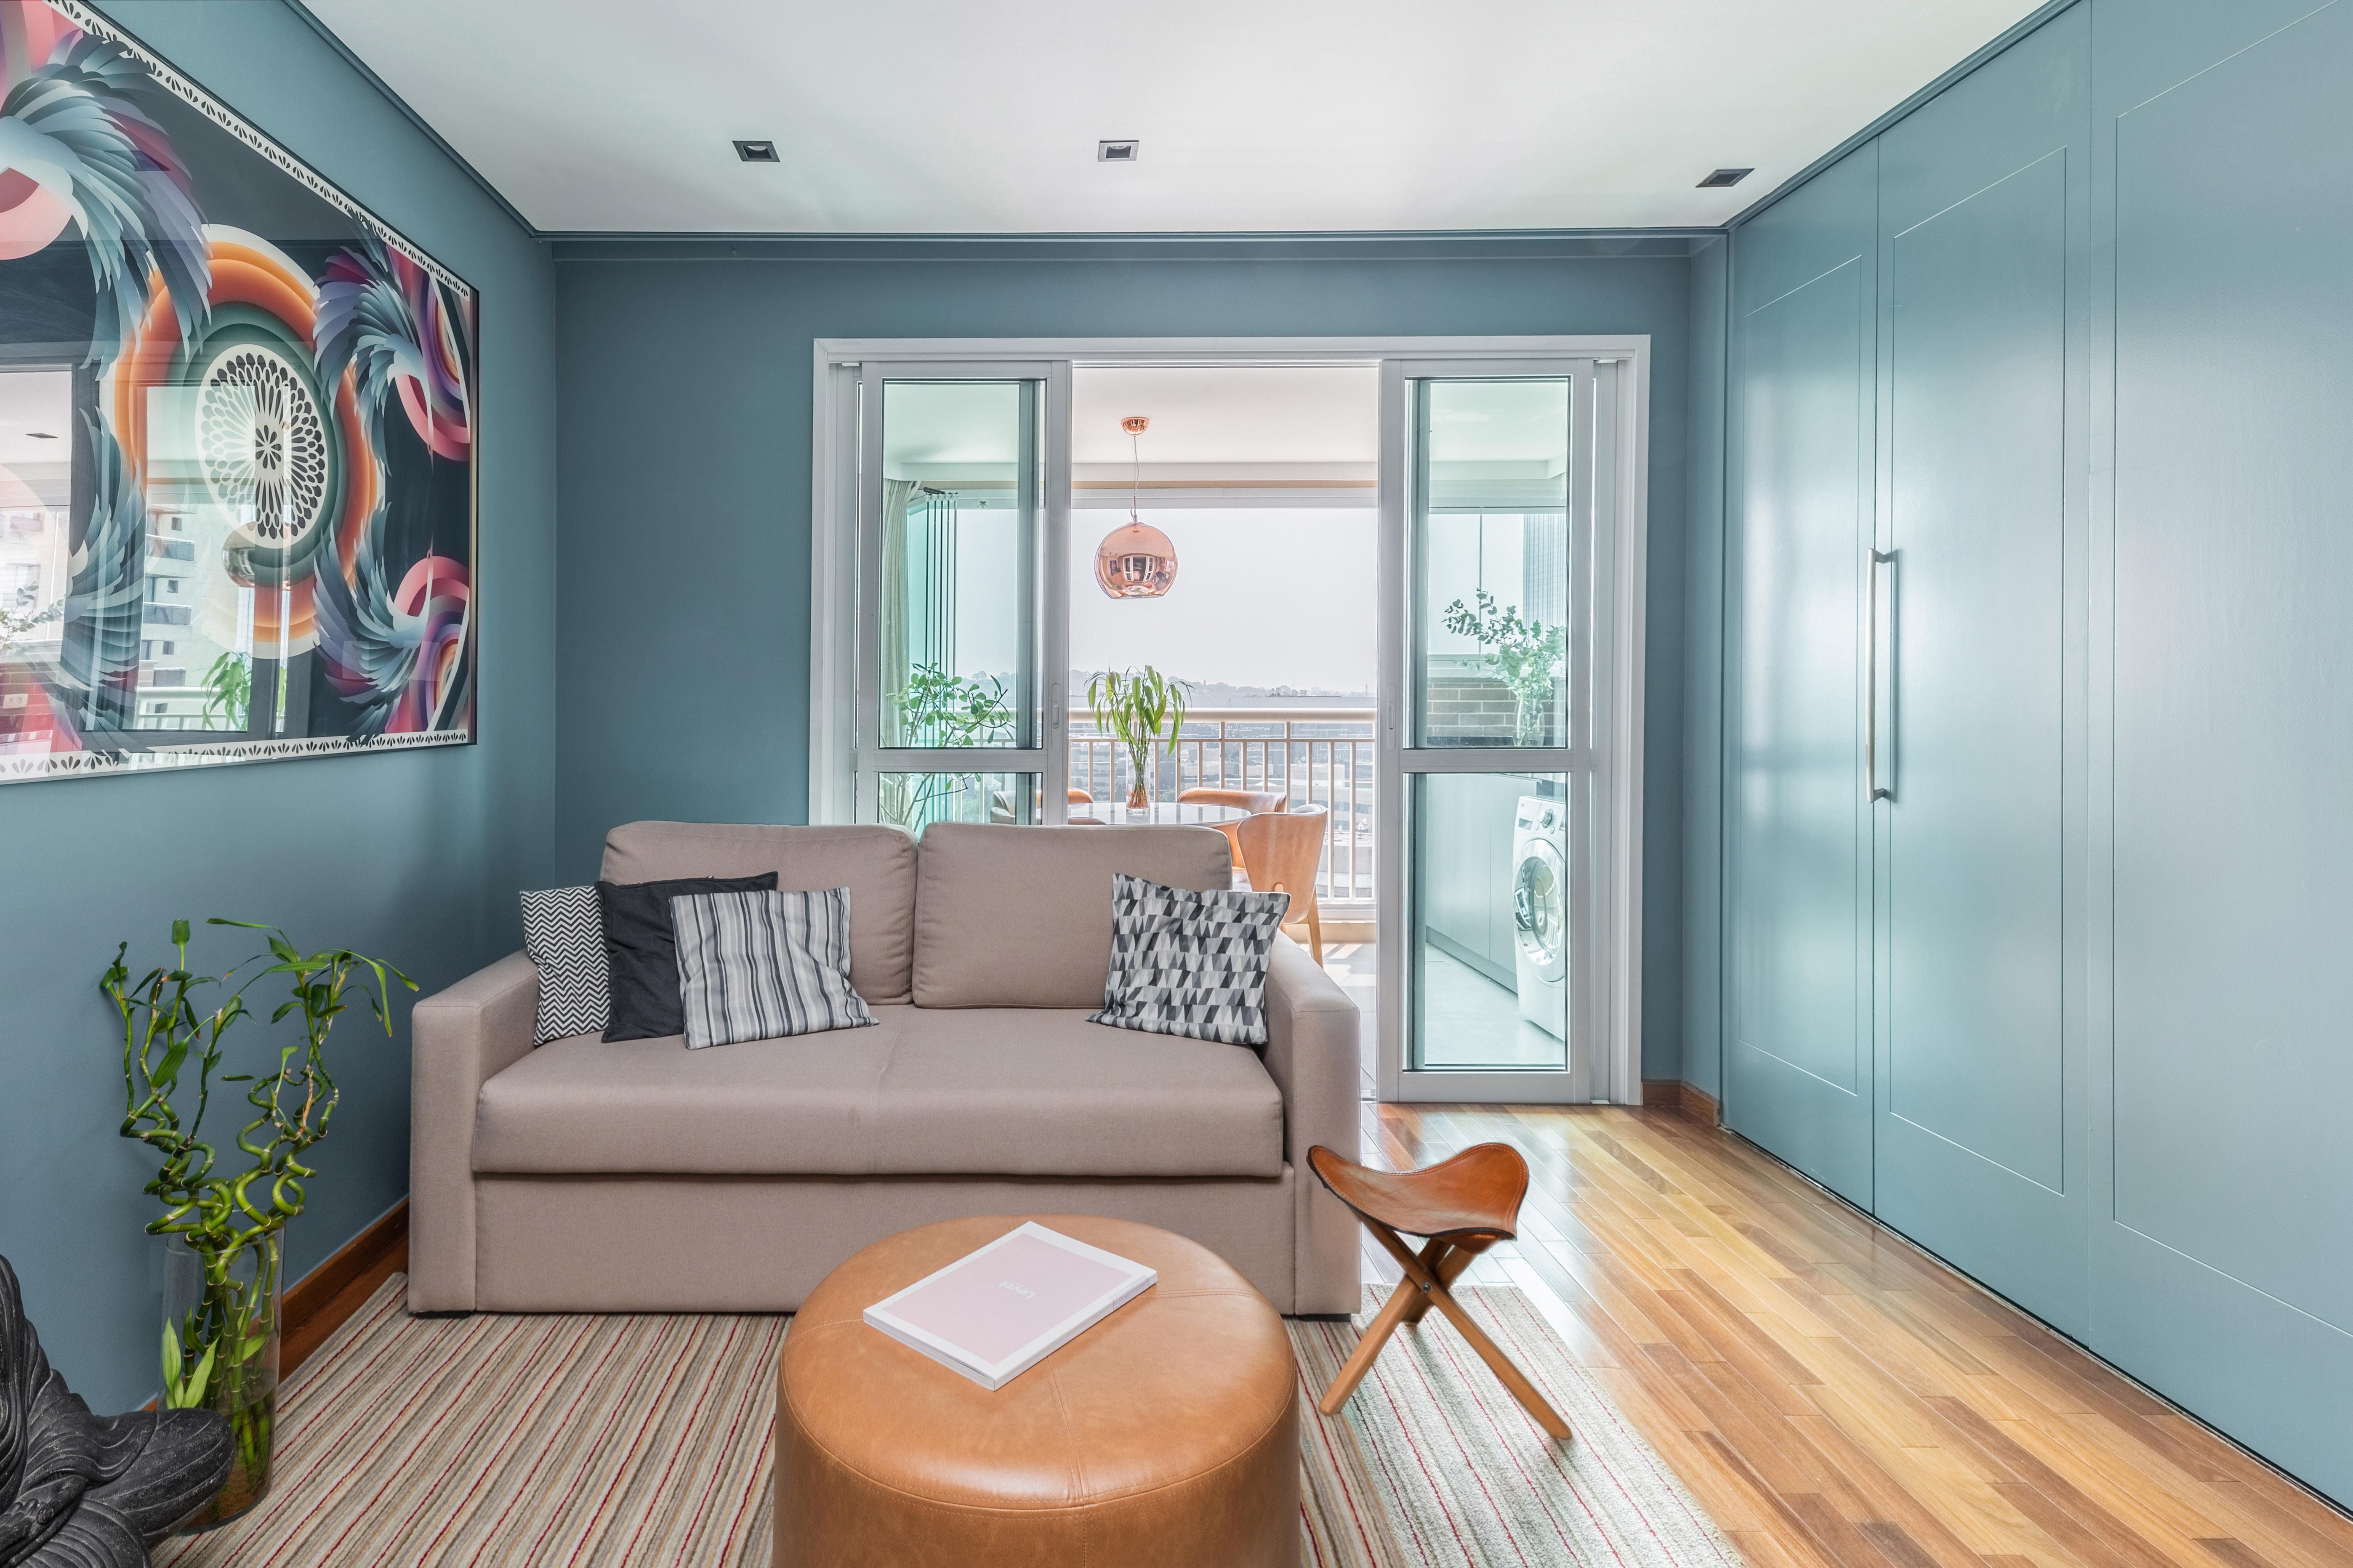 Outro ângulo da sala de estar e TV, que revela a integração com outros ambientes, como a varanda gourmet e a cozinha, que está à direita, com portas fechadas.